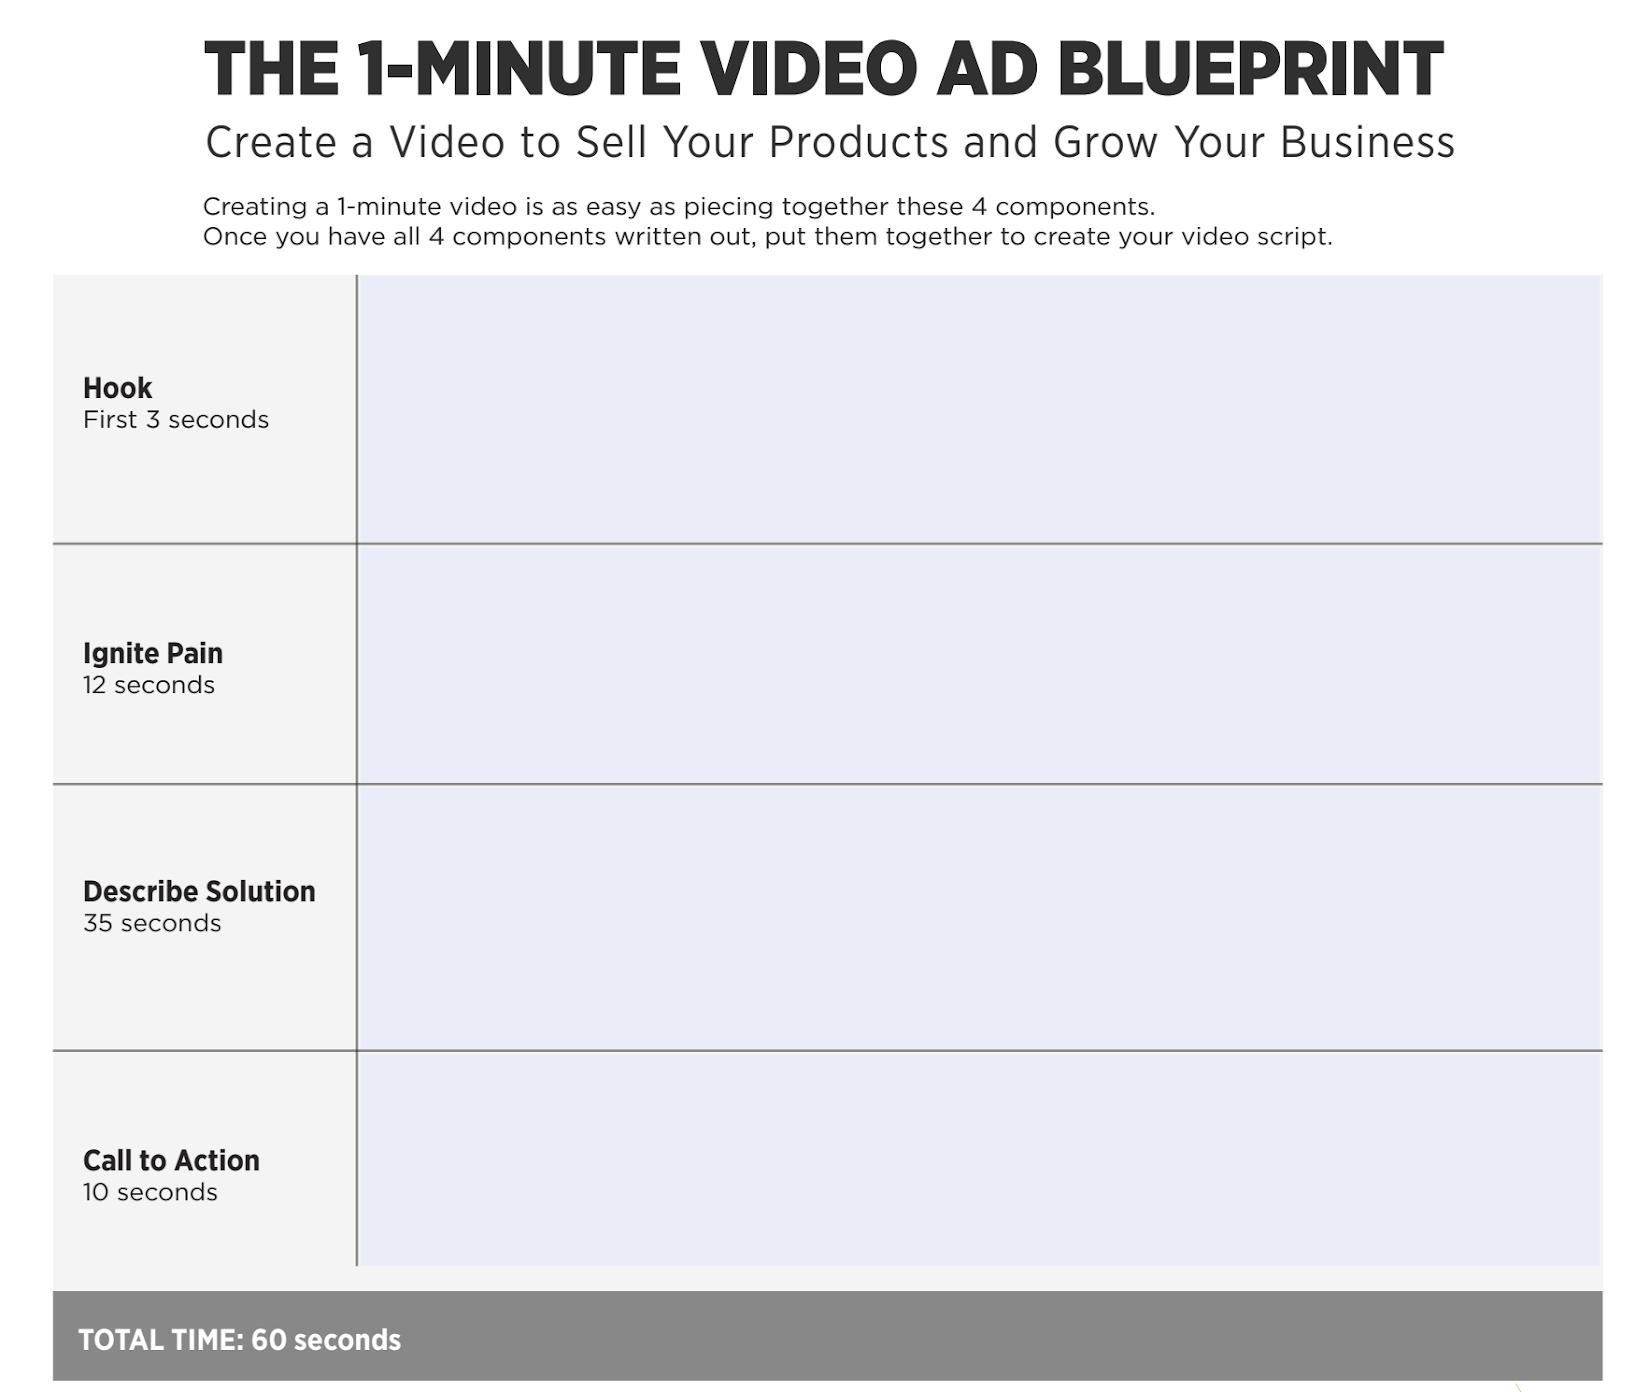 1-Minute Video Worksheet